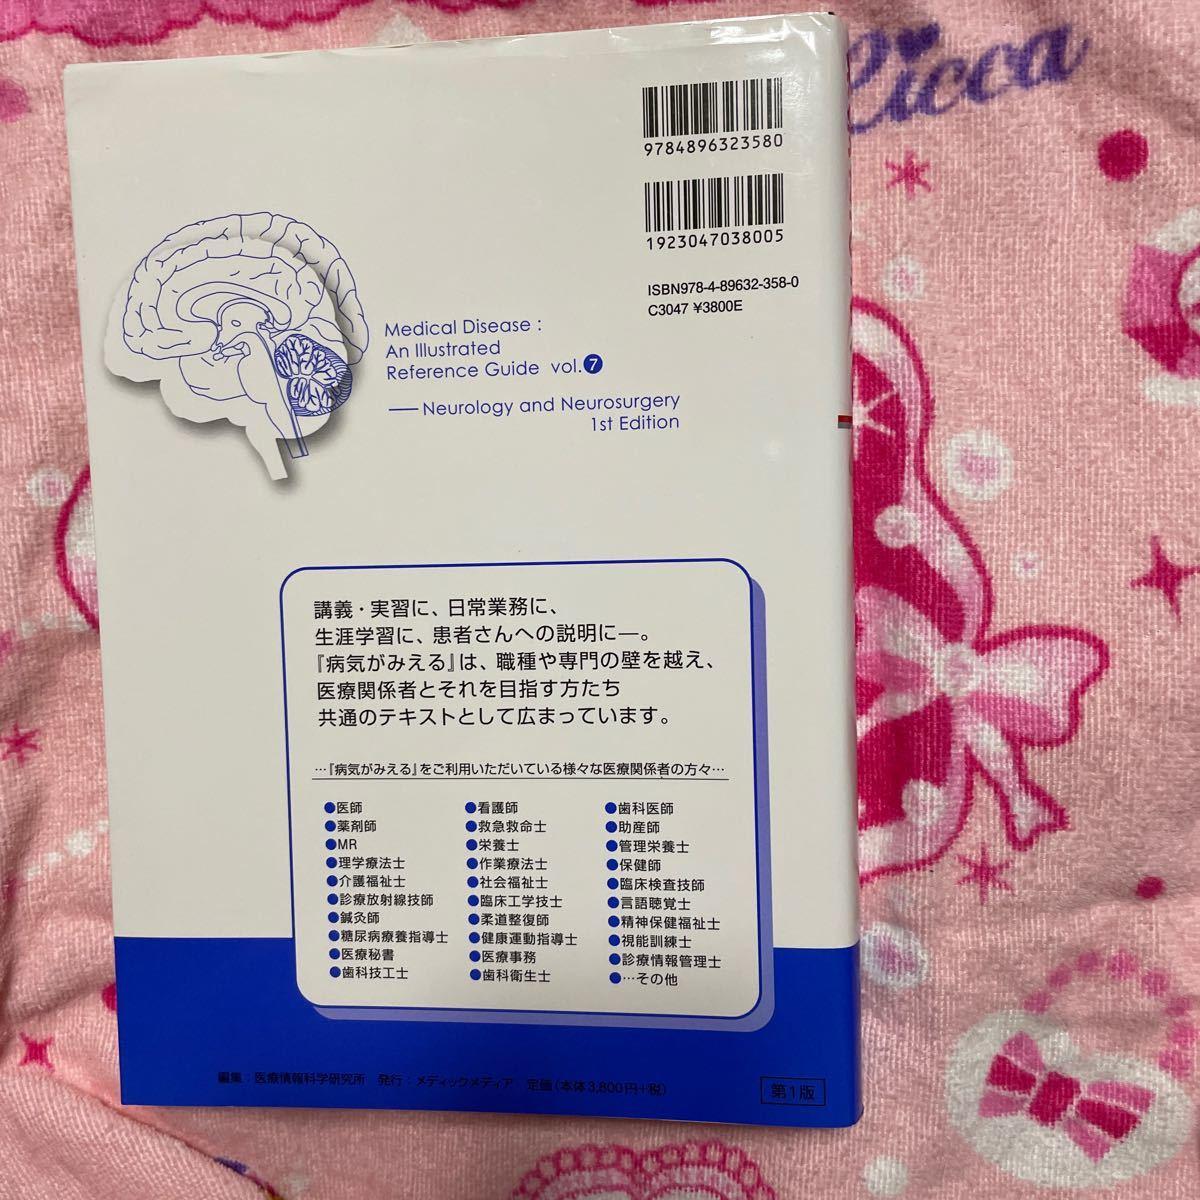 病気がみえる 脳神経 第1版 (vol.7) 医療情報科学研究所 【編】